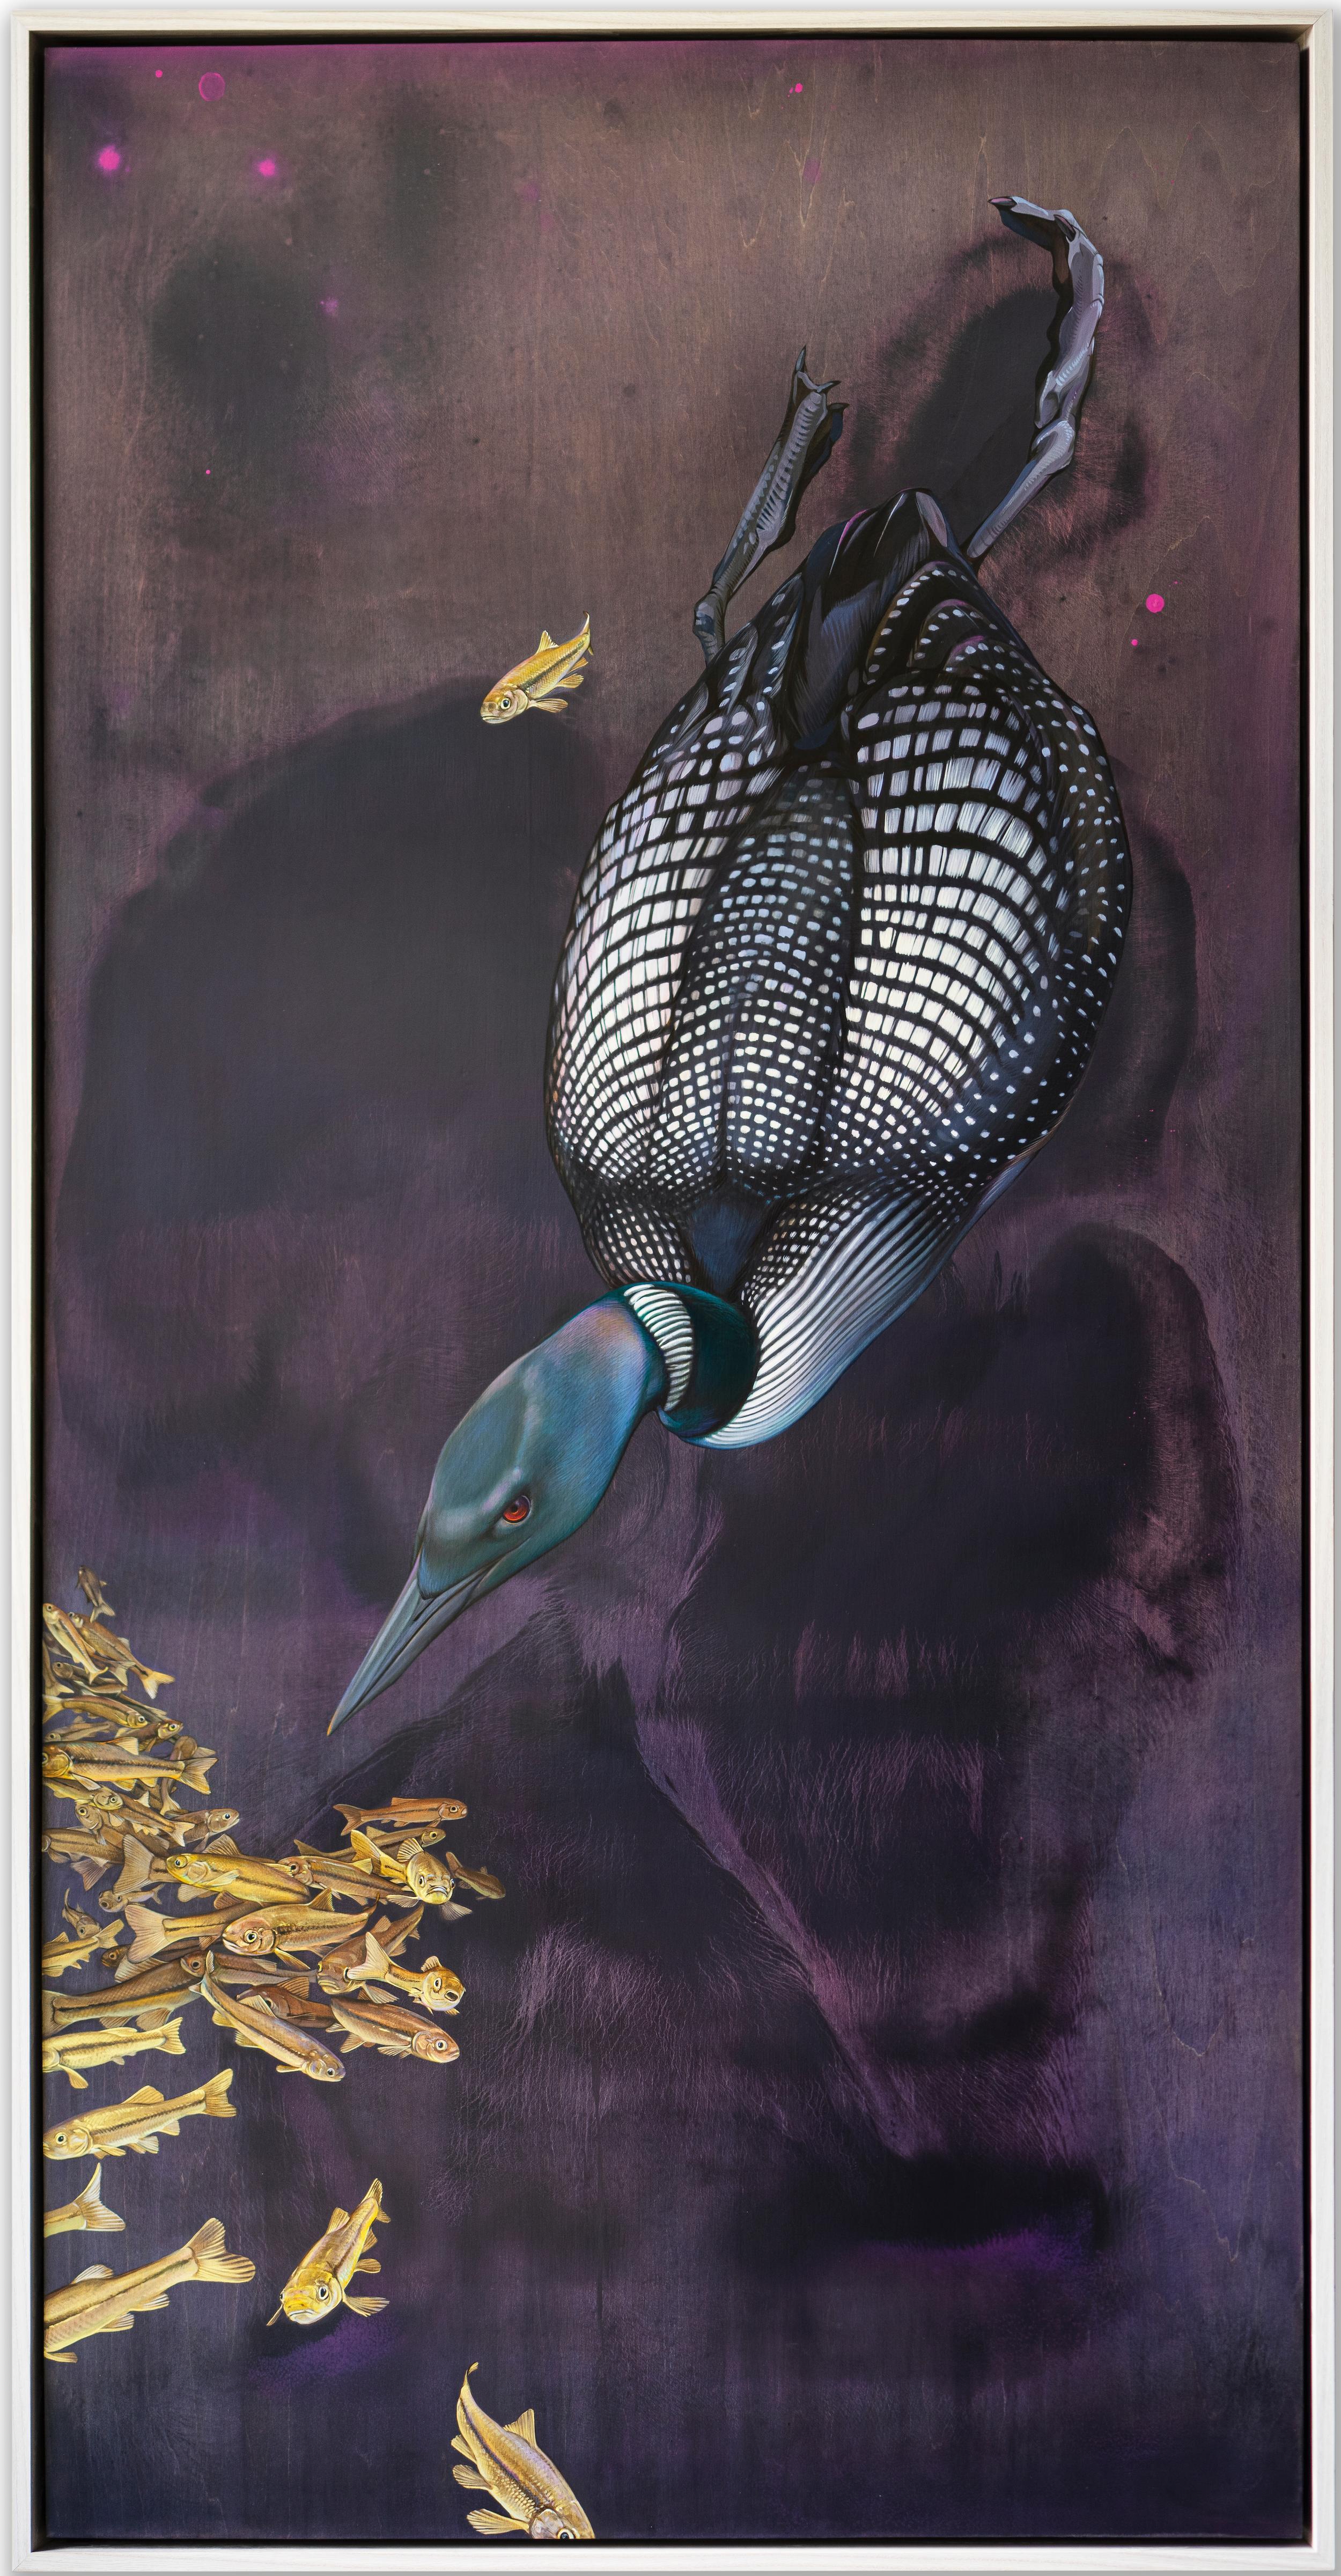 Soundings - original loon painting